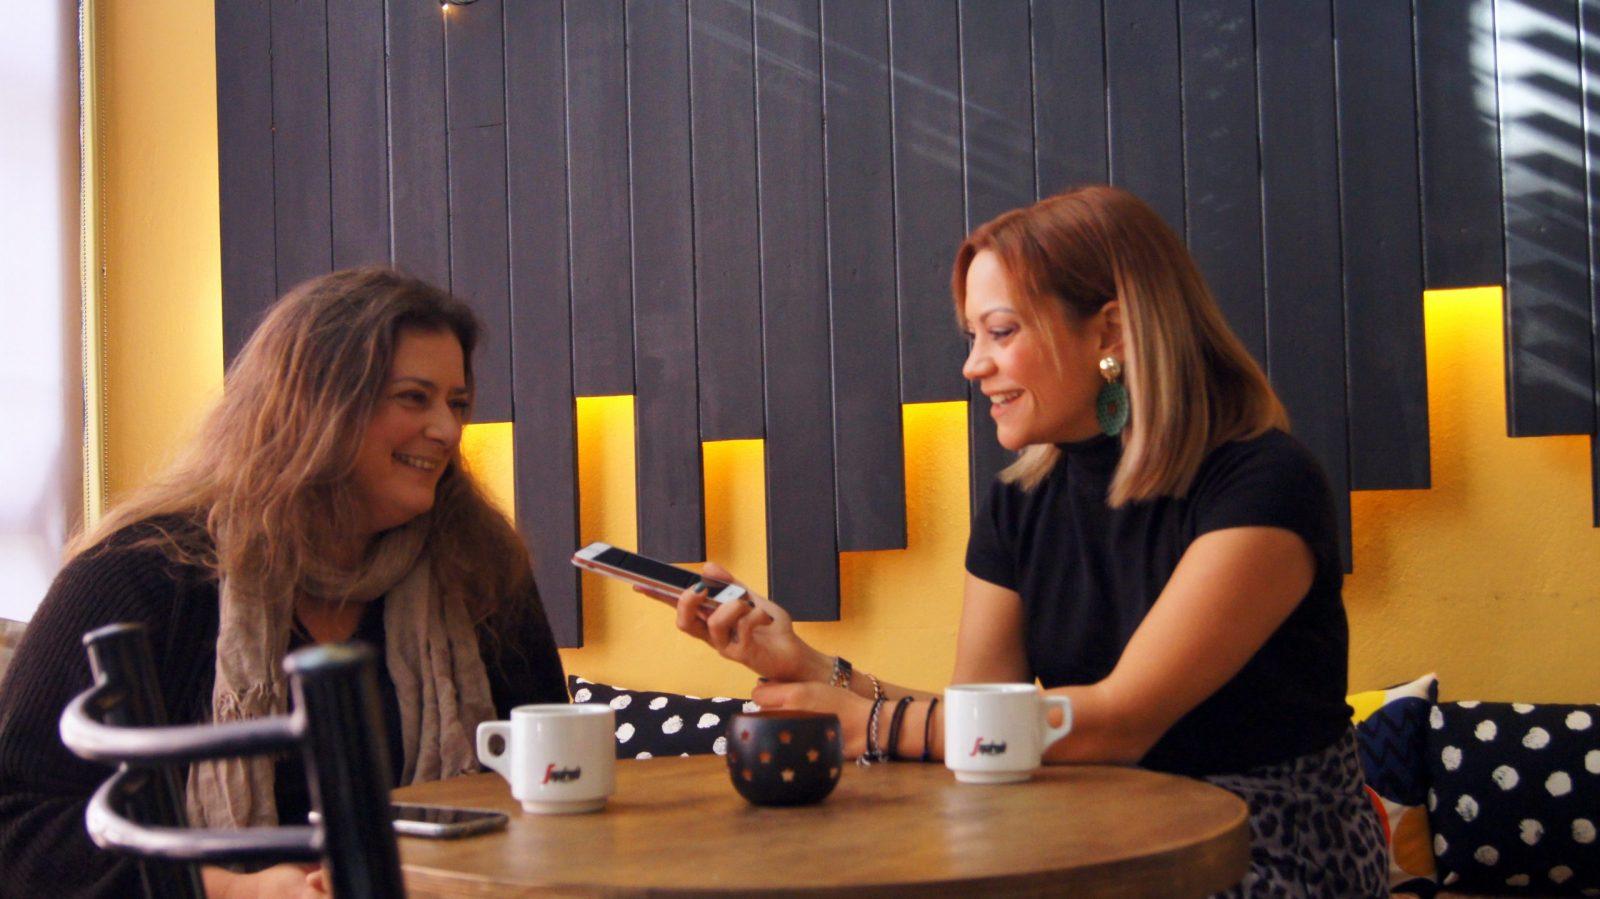 η δόμνα κουντούρη με τη δημοσιογράφο Μάνια Καπαράκου